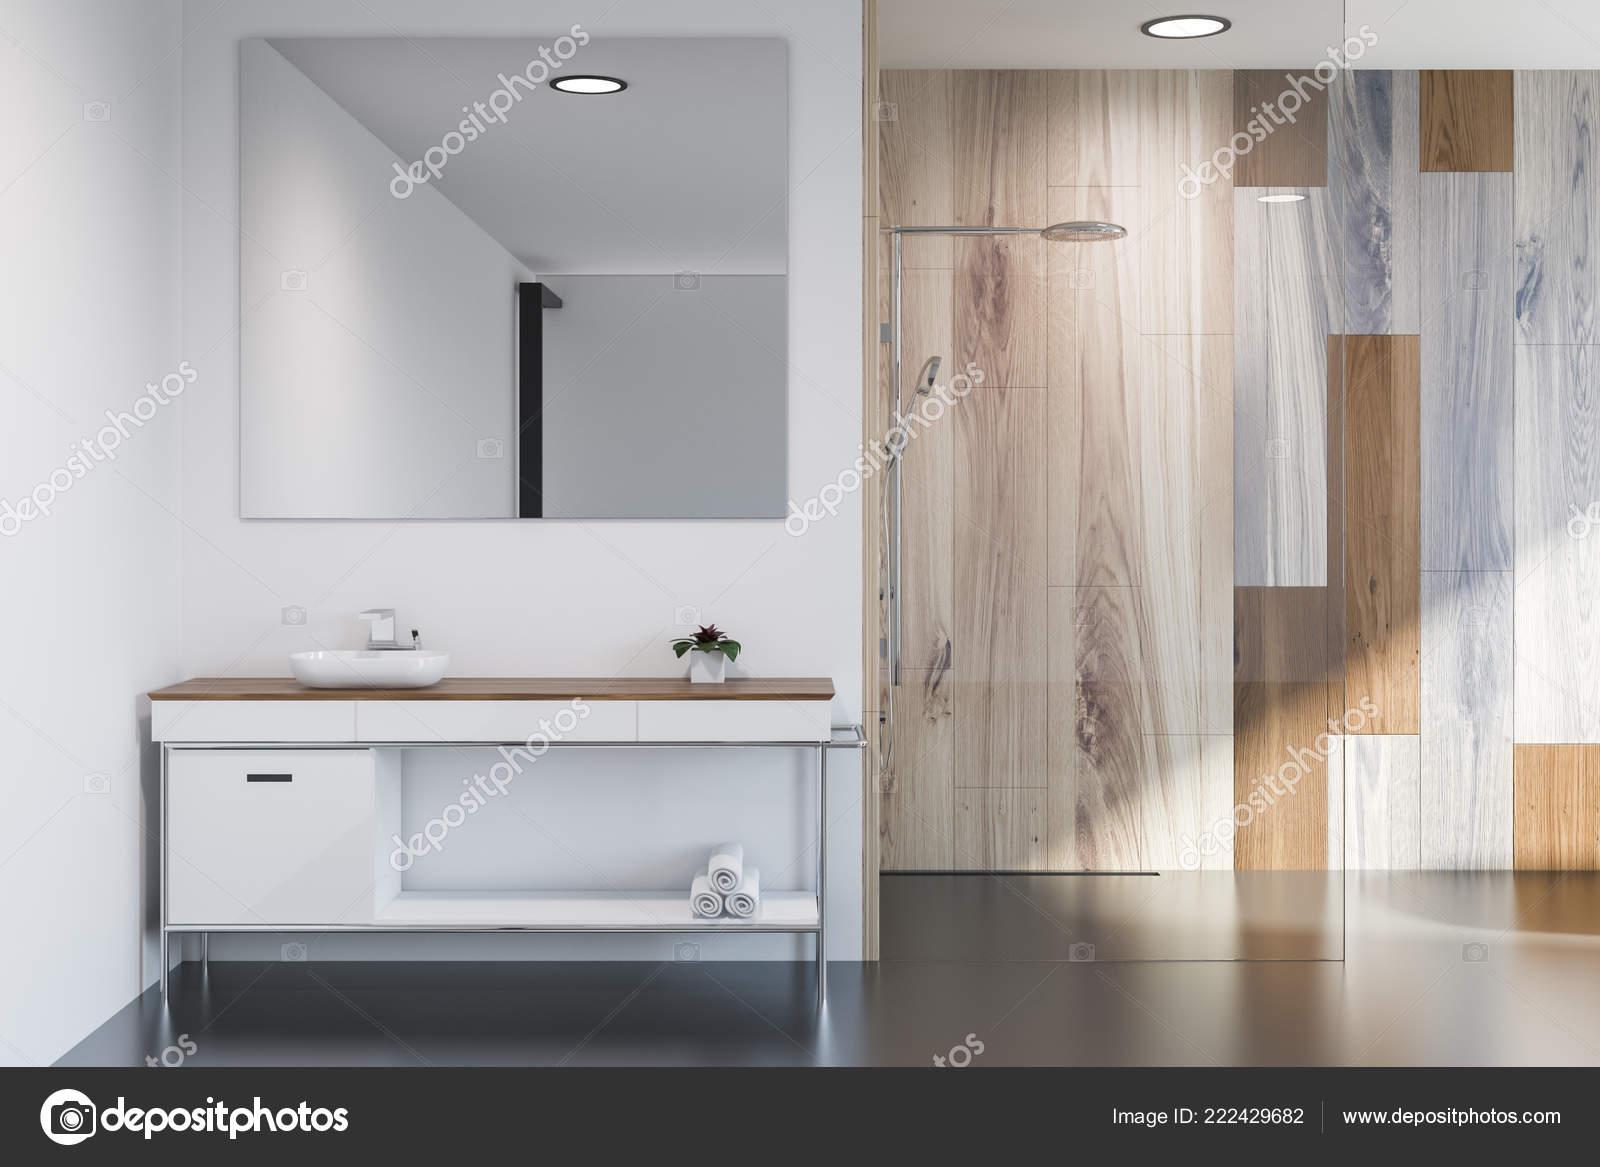 Modernes Badezimmer Interieur Mit Grau Und Hölzerne Wände ...